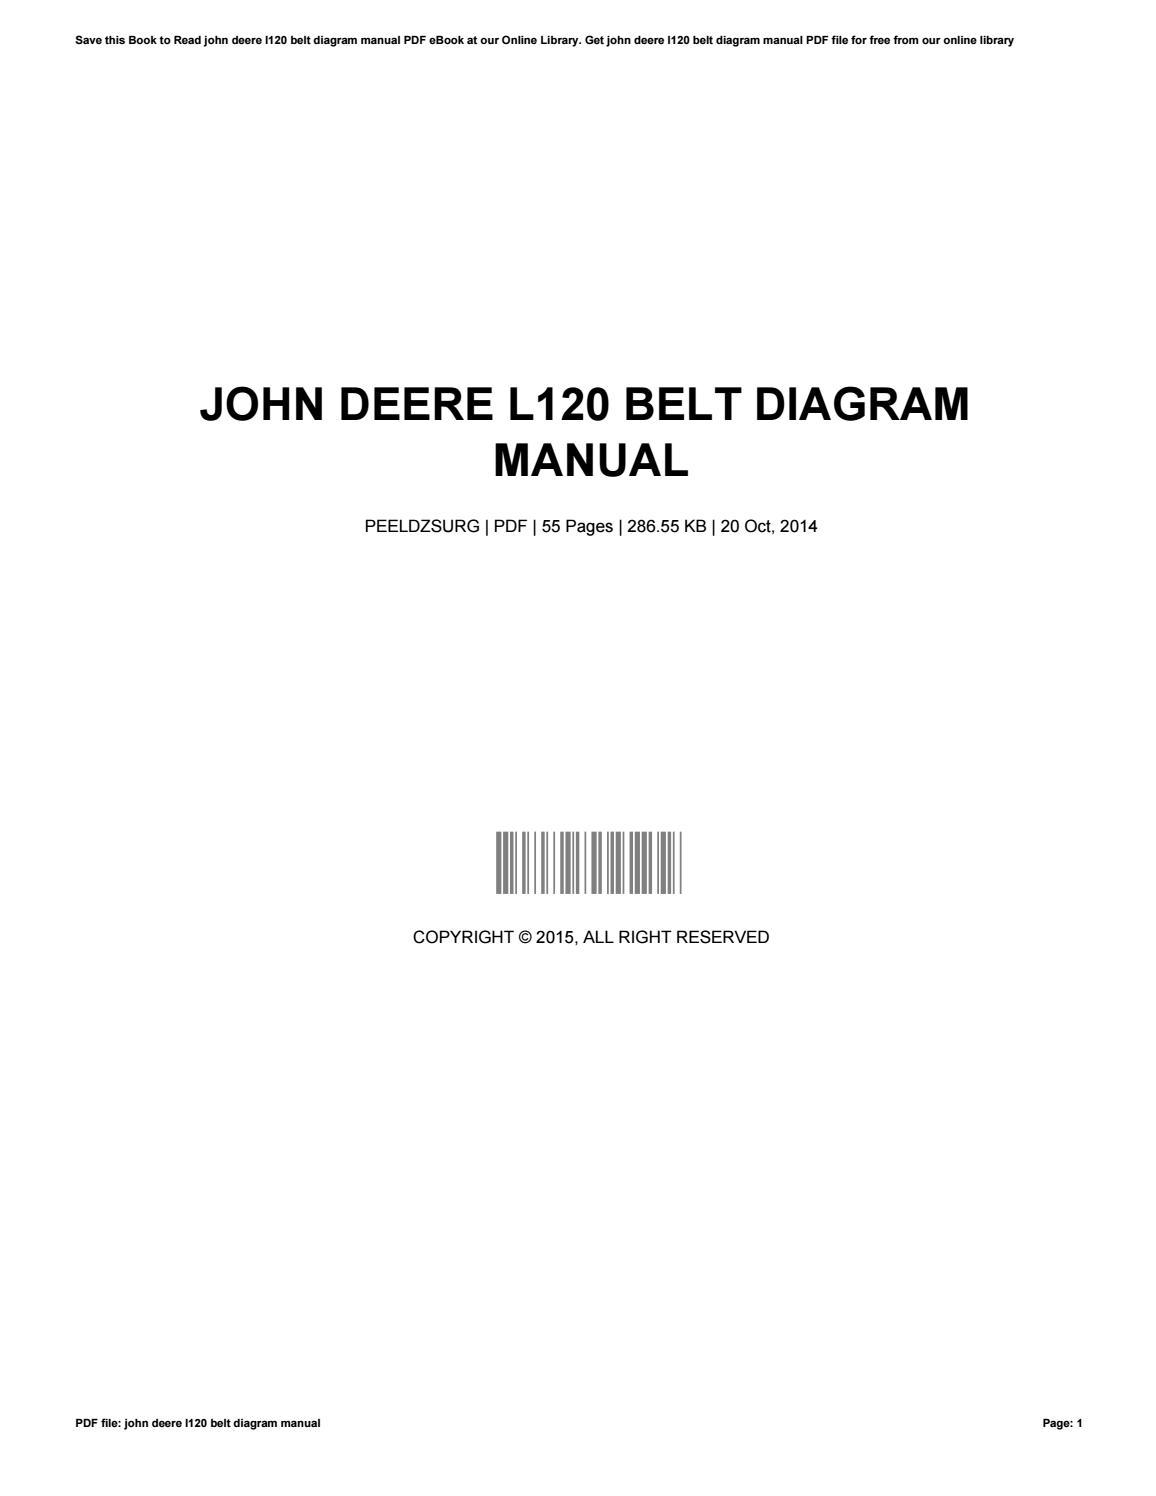 John Deere L120 Belt Diagram Manual Guide